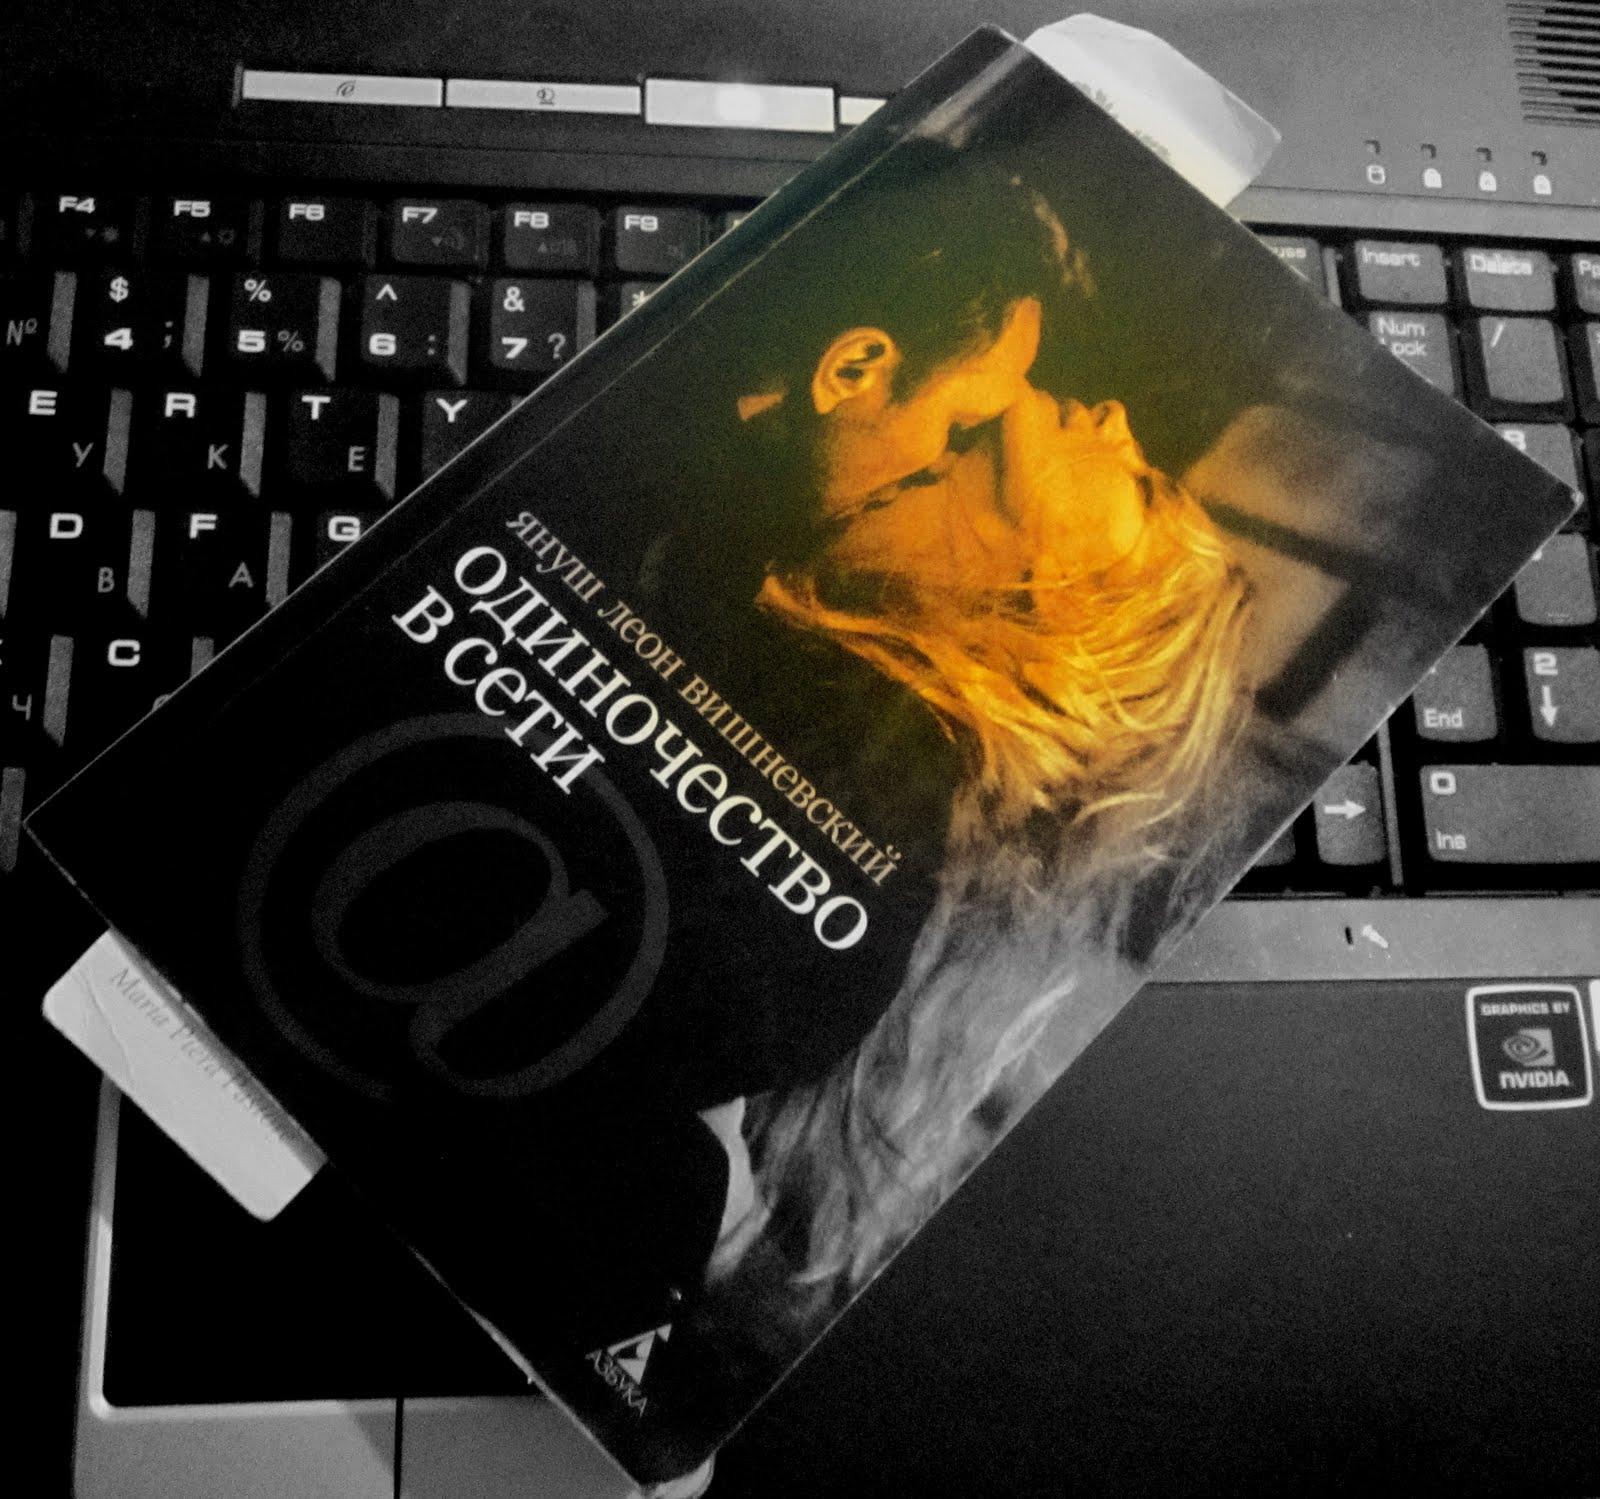 Януш вишневский одиночество в сети скачать книгу.